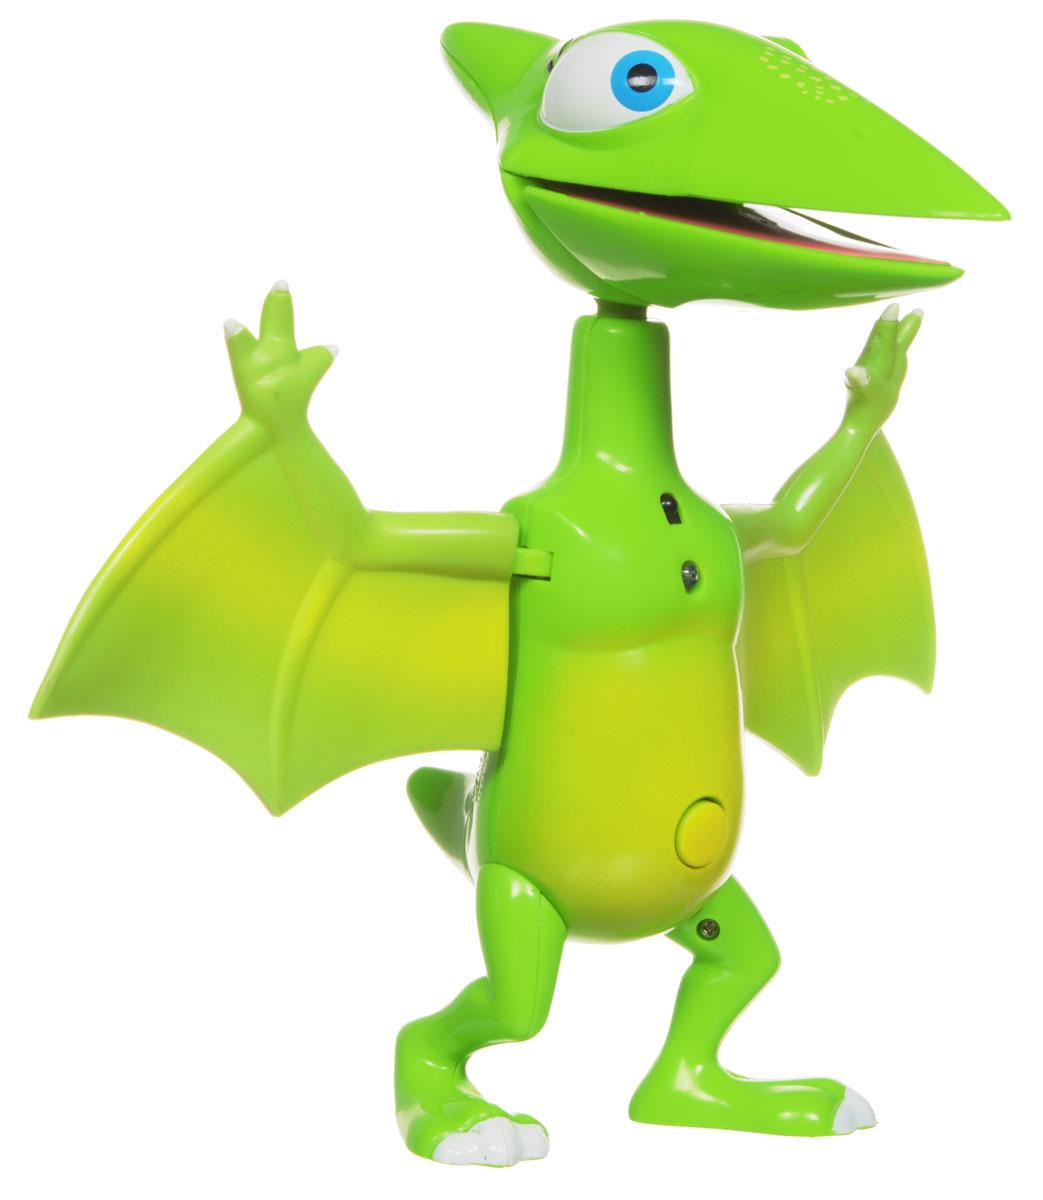 Поезд динозавров Игрушка интерактивная Птеранодон ТайниТ57101Интерактивная игрушка Поезд динозавров Птеранодон Тайни выполнена в виде одного из героев мультсериала Поезд динозавров. Тайни - сестрёнка динозавра Бадди, самая маленькая в семье. Уникальная технология SmartTalk позволяет динозавру распознавать других интерактивных динозавров и взаимодействовать с ними. Тайни рассказывает о себе и разговаривает со своими друзьями. Для воспроизведения каждой фразы нужно нажимать кнопку на животе Тайни. Кроме этого, интерактивный динозавр Тайни может хлопать крыльями, которые издают реалистичный звук, если помахать динозавром в воздухе, как будто он летит. Тайни говорит У меня есть острый клюв!  и кричит, как птеранодон, если дотронуться до ее пасти. Вы услышите звук топота, если будете топать динозавриком по твердой поверхности. У Тайни полностью подвижные части тела: голова, крылья, ножки. Высота игрушки - 17 см. Для работы игрушки необходимы 2 батарейки типа ААА (товар комплектуется демонстрационными).